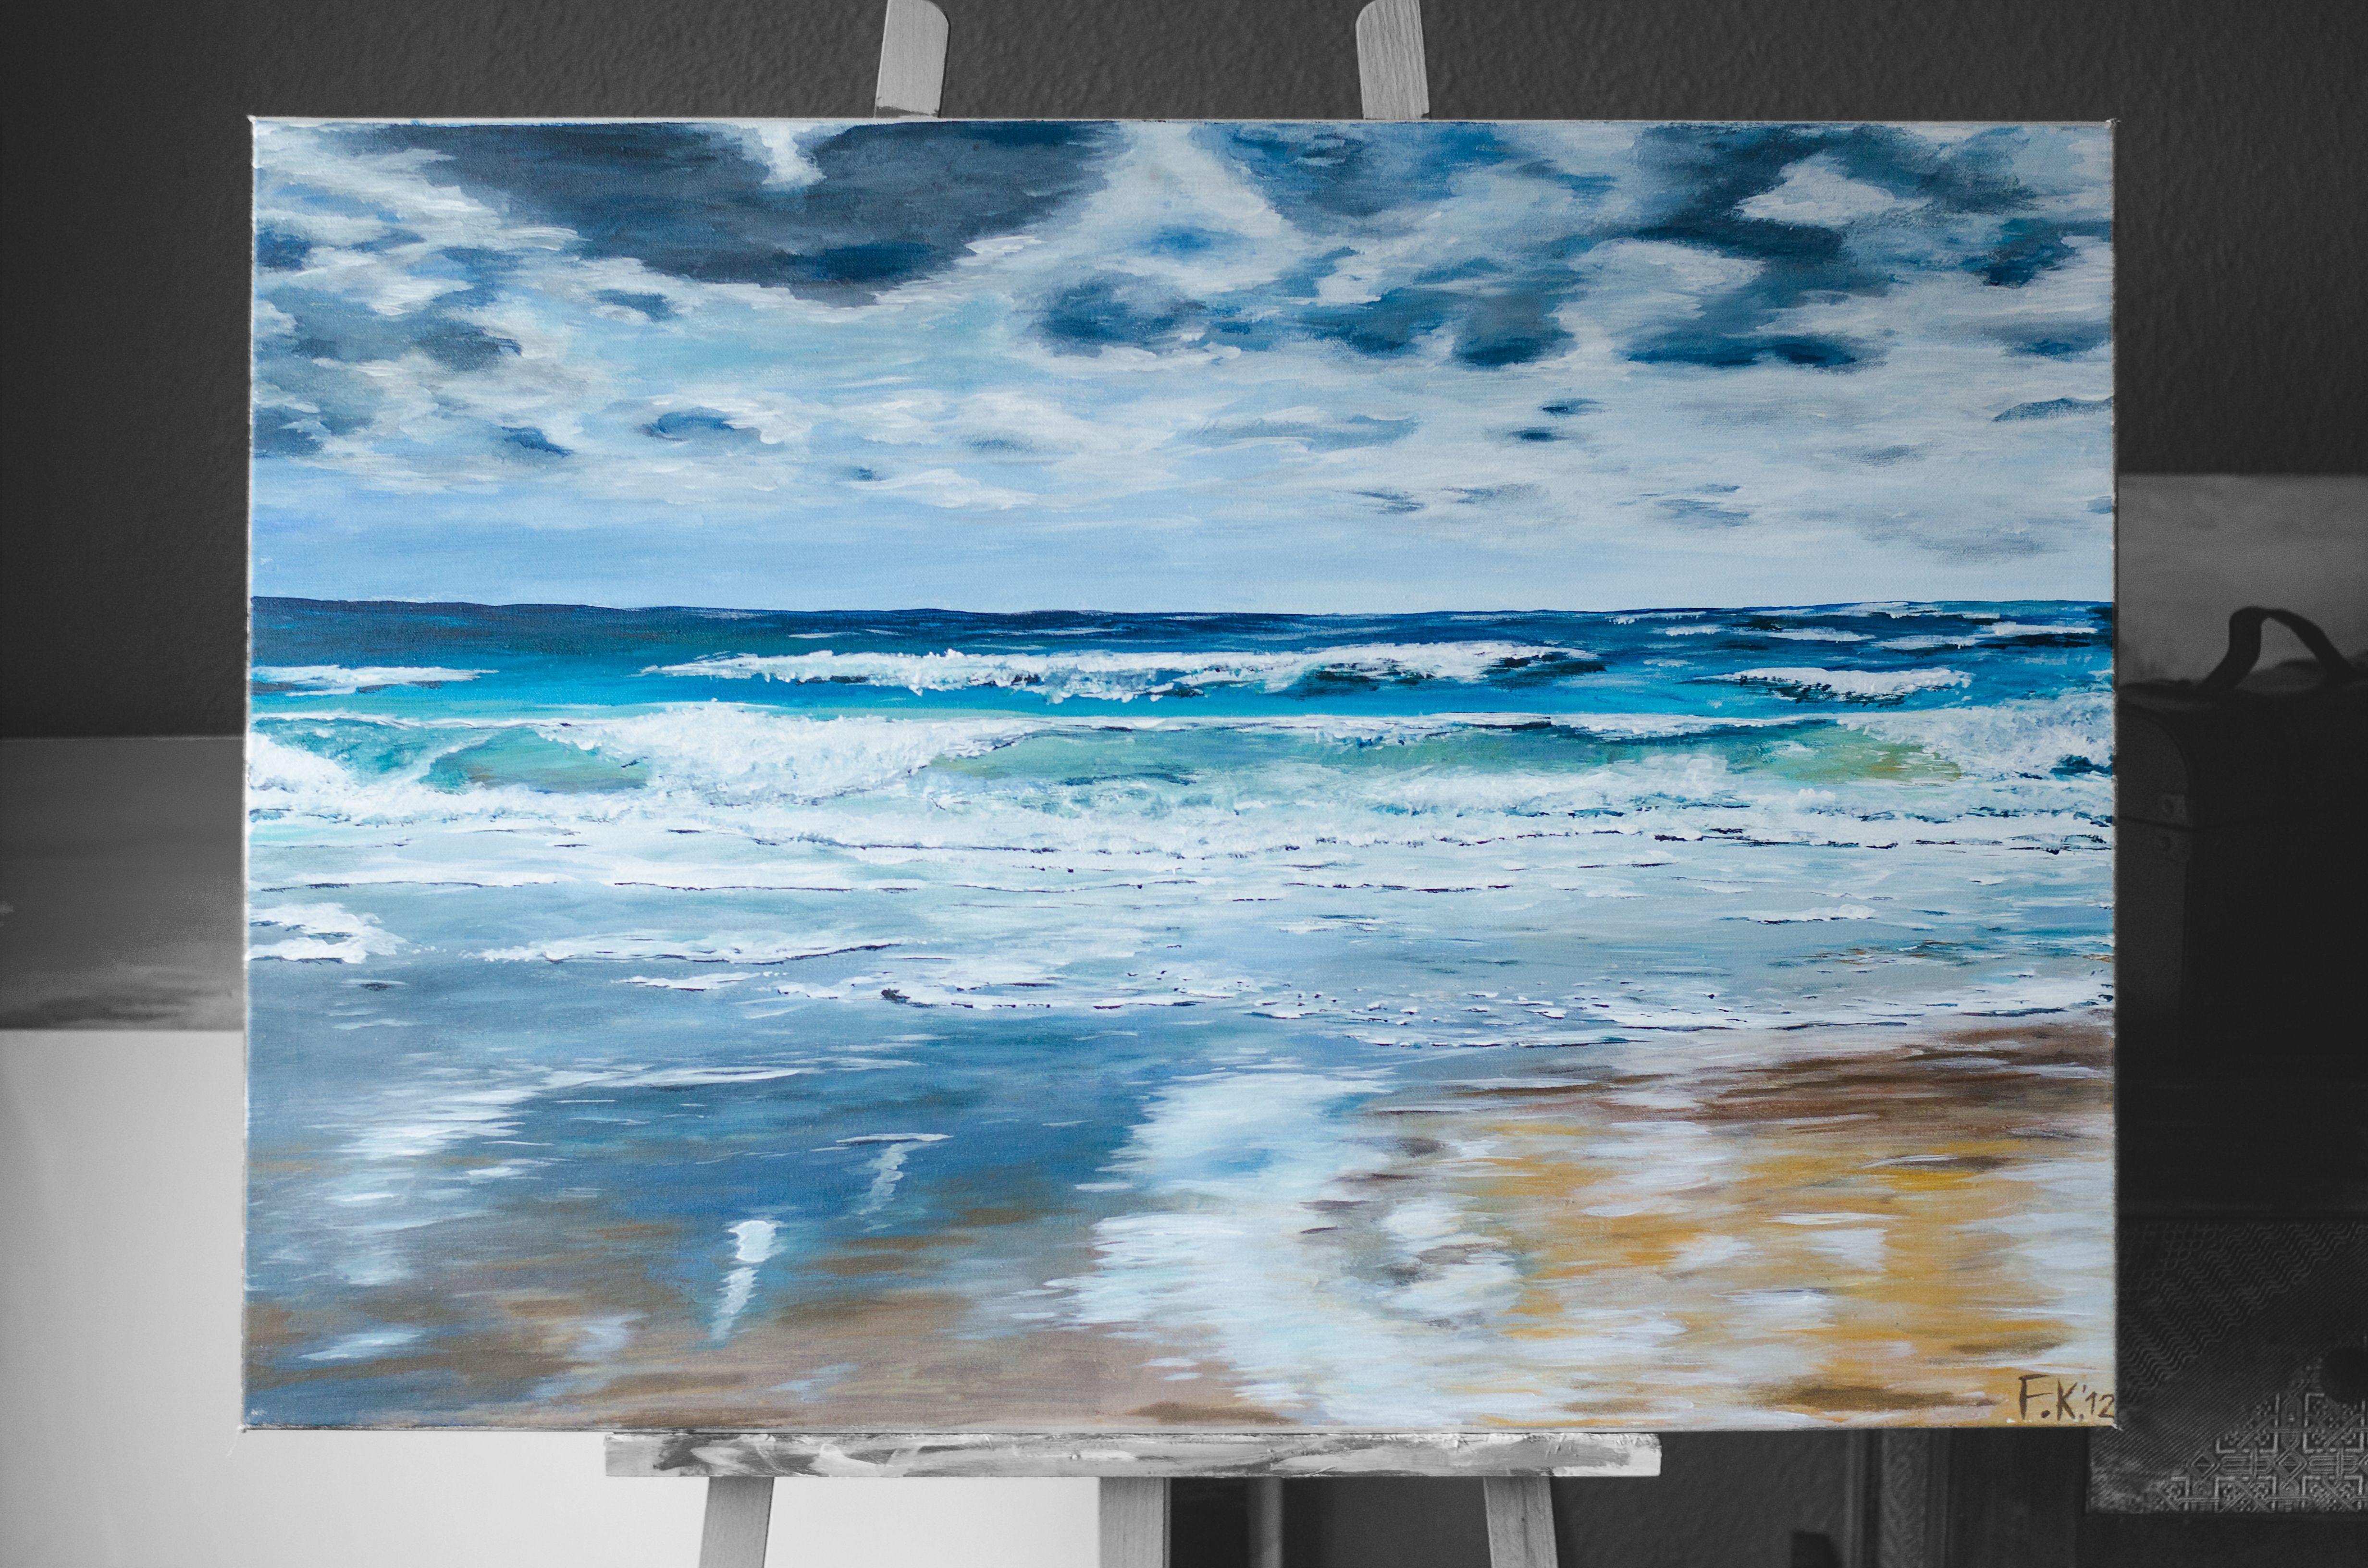 Der Strand vor Westerland festgehalten auf 90 x 70 cm, Acryl auf Leinwand.  Noch erhältlich.